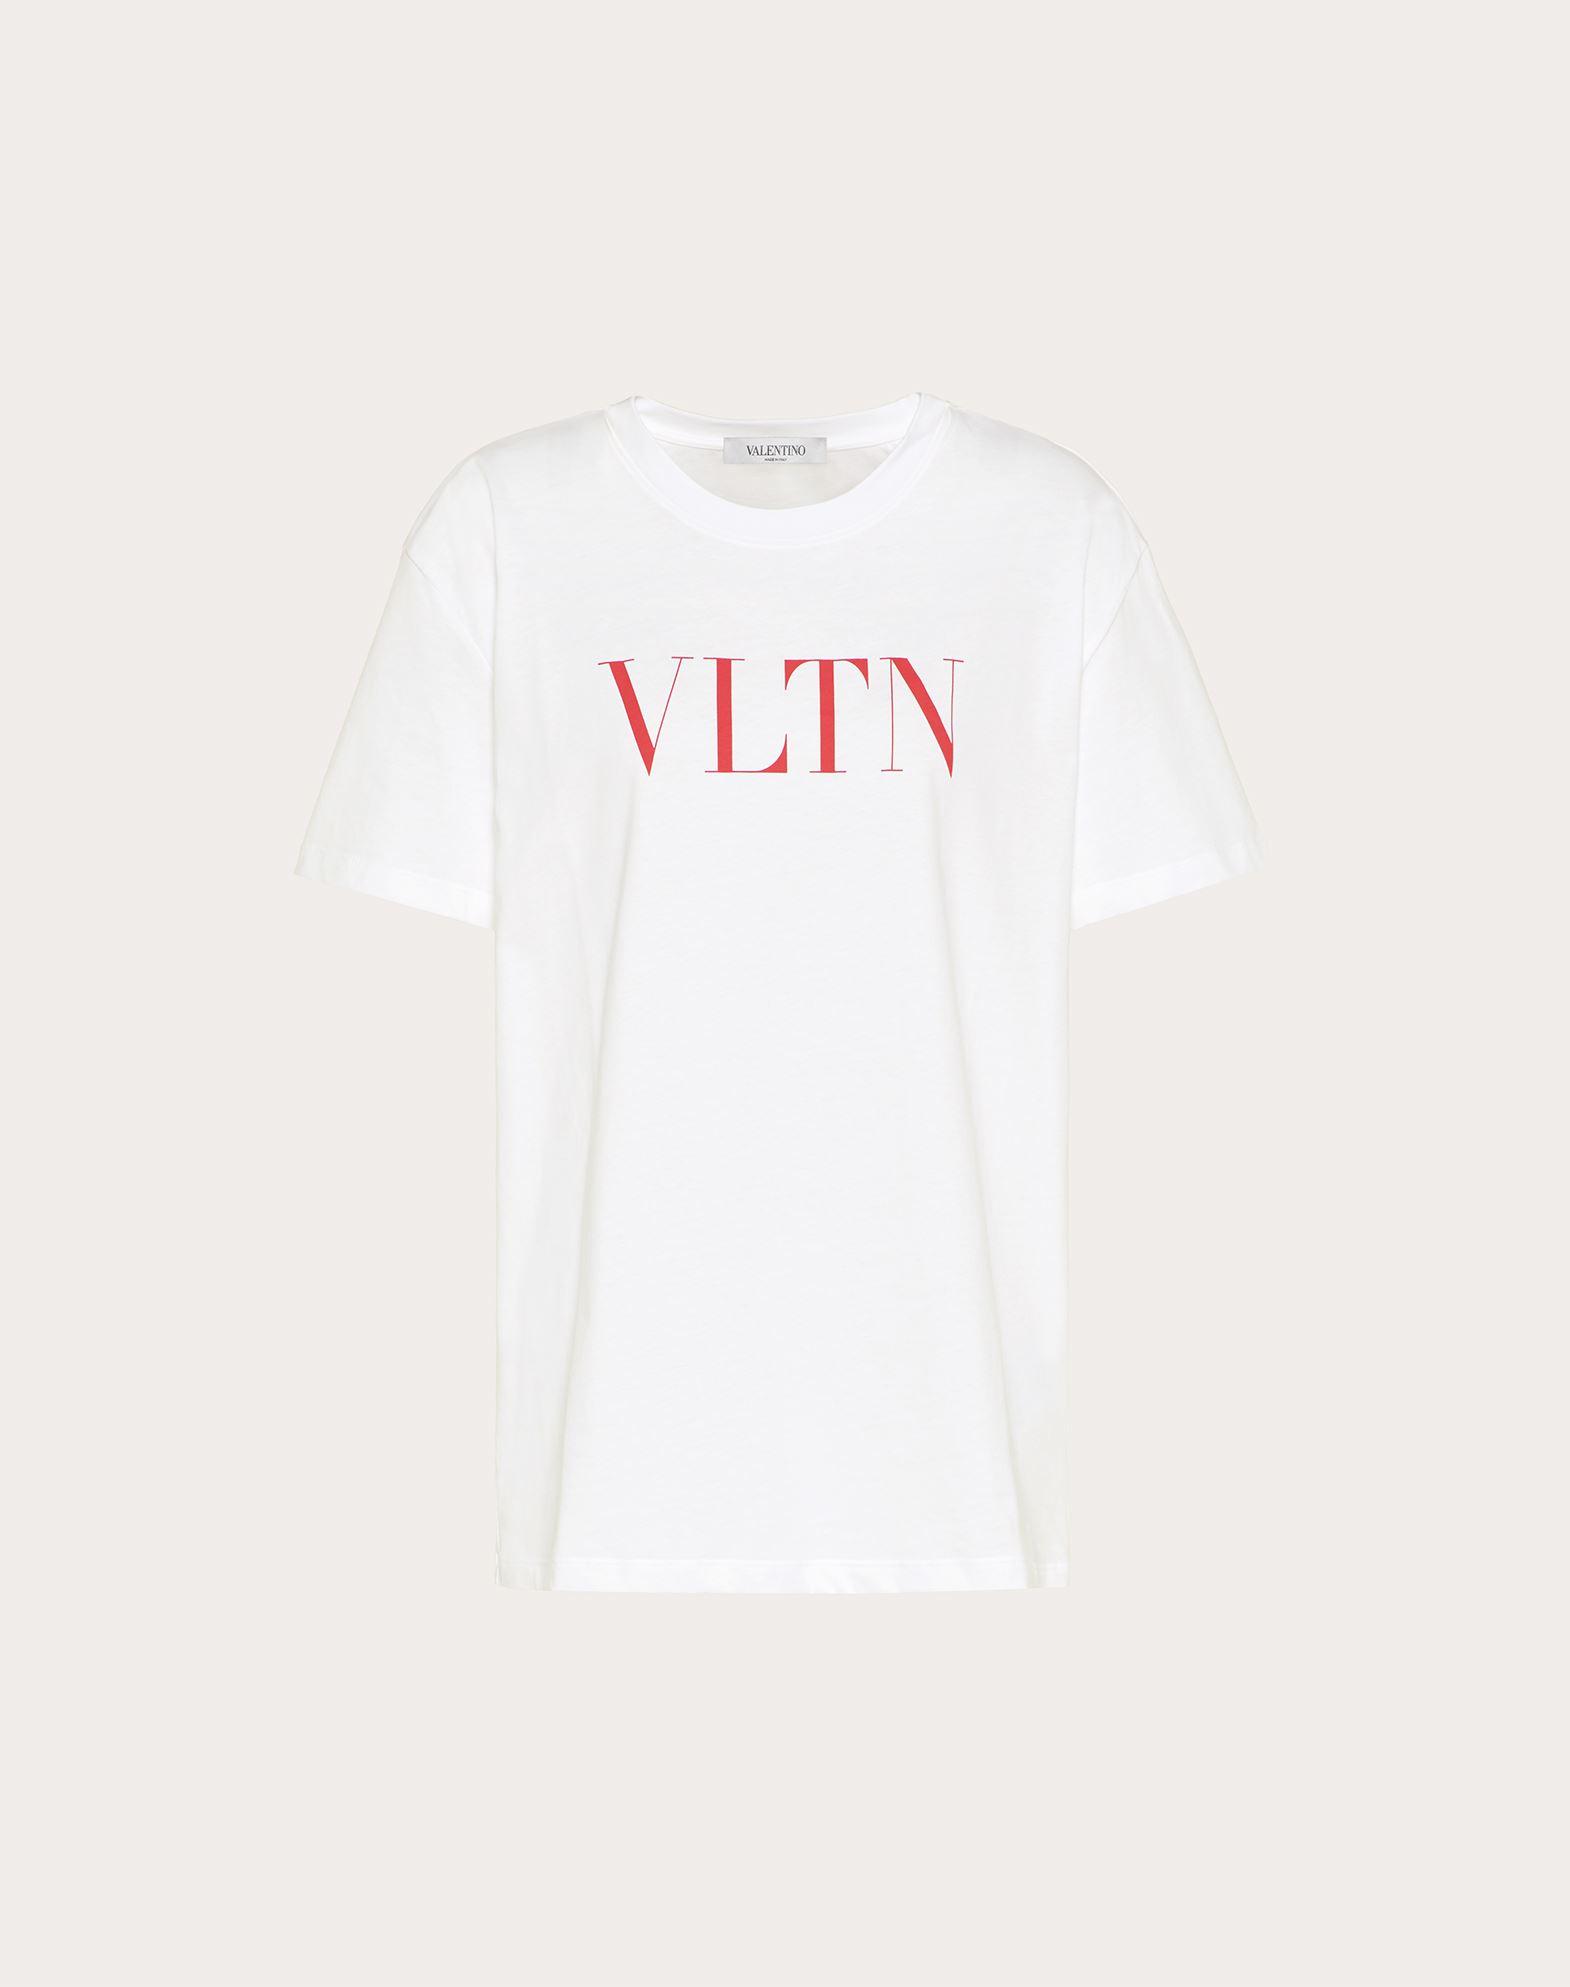 Bedrucktes T-Shirt VLTN